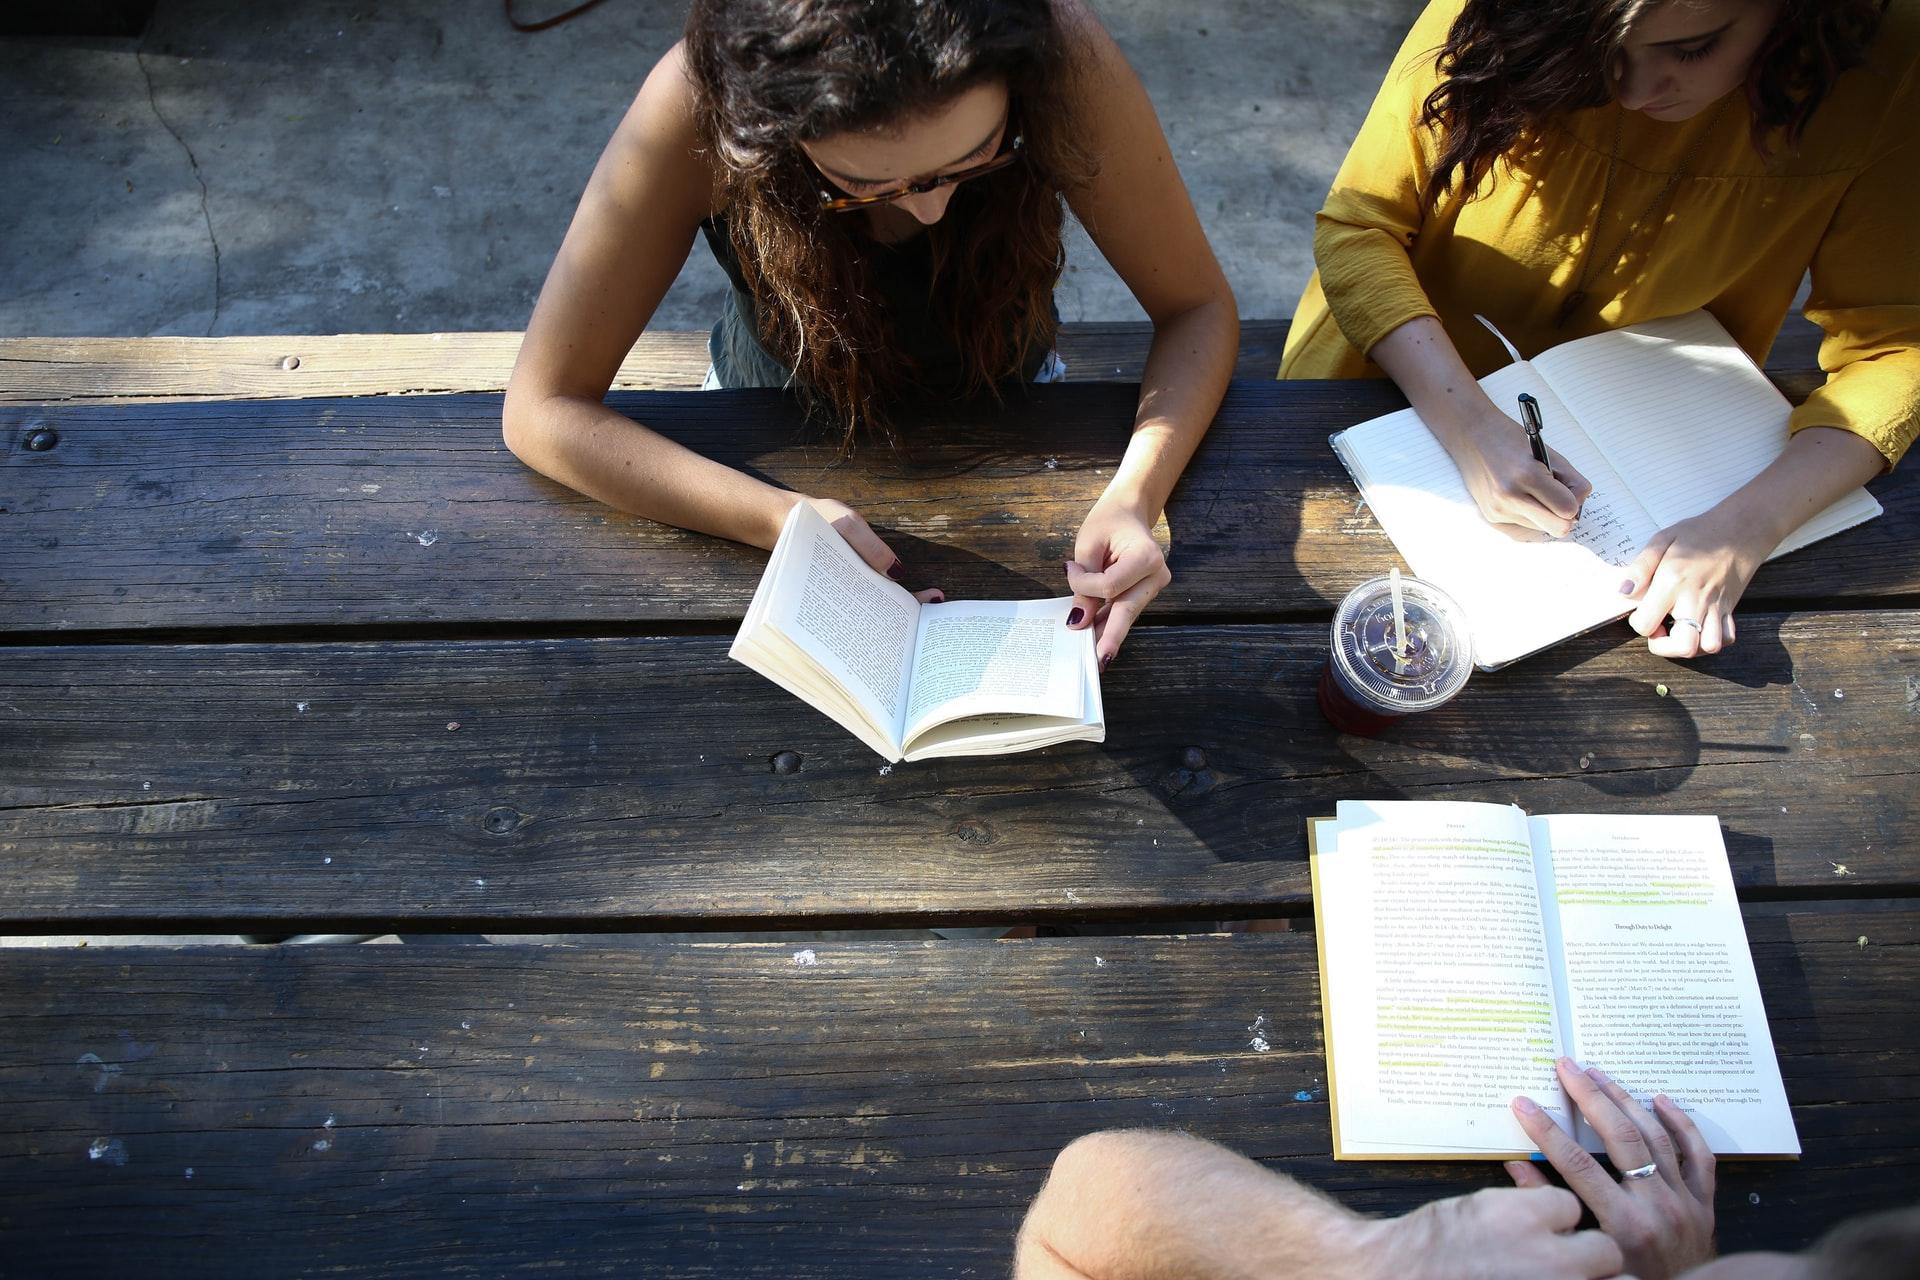 Як аналітика великих даних допомагає втримати студентів у вишах